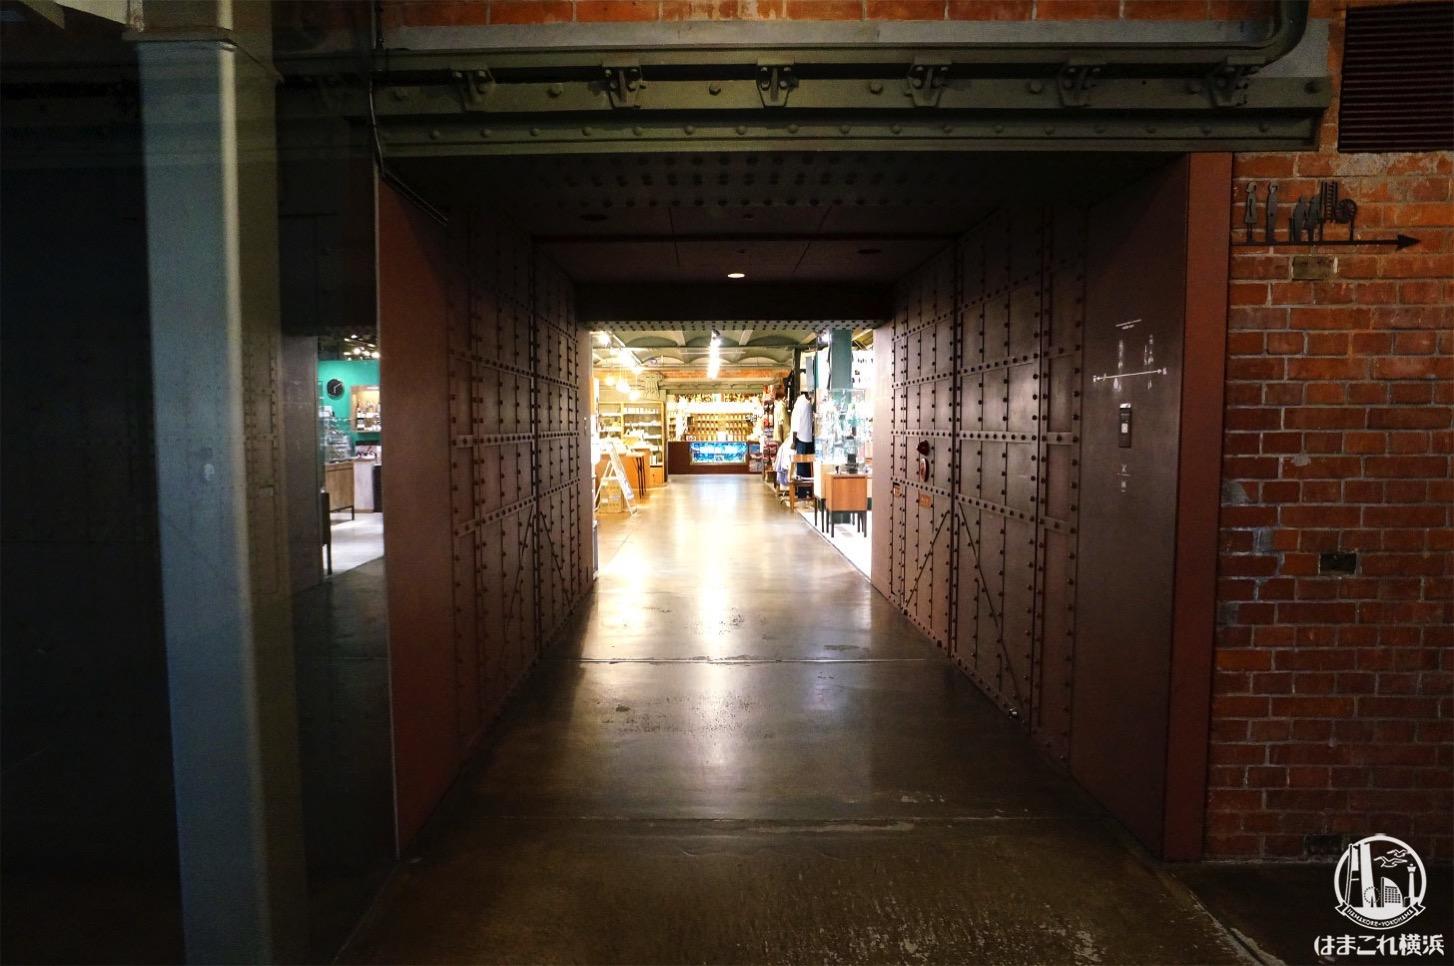 横浜赤レンガ倉庫 館内倉庫の面影